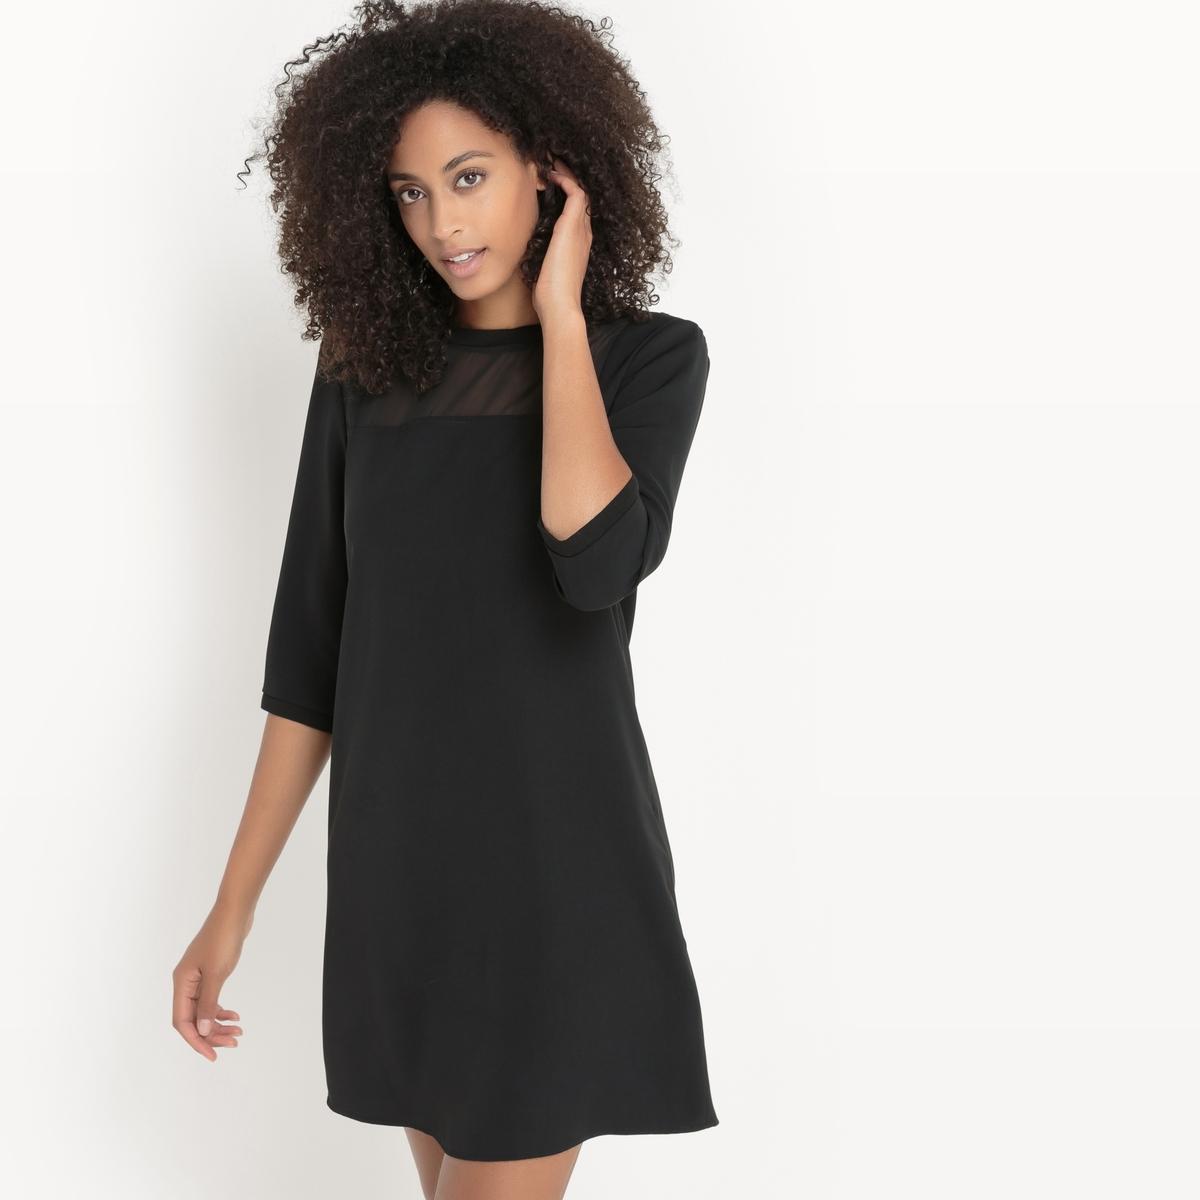 Платье с длинным рукавомСостав и описаниеМатериалы : 100% полиэстерМарка : Sud ExpressМодель : RecourbeУходСледуйте рекомендациям по уходу, указанным на этикетке изделия.<br><br>Цвет: черный<br>Размер: L